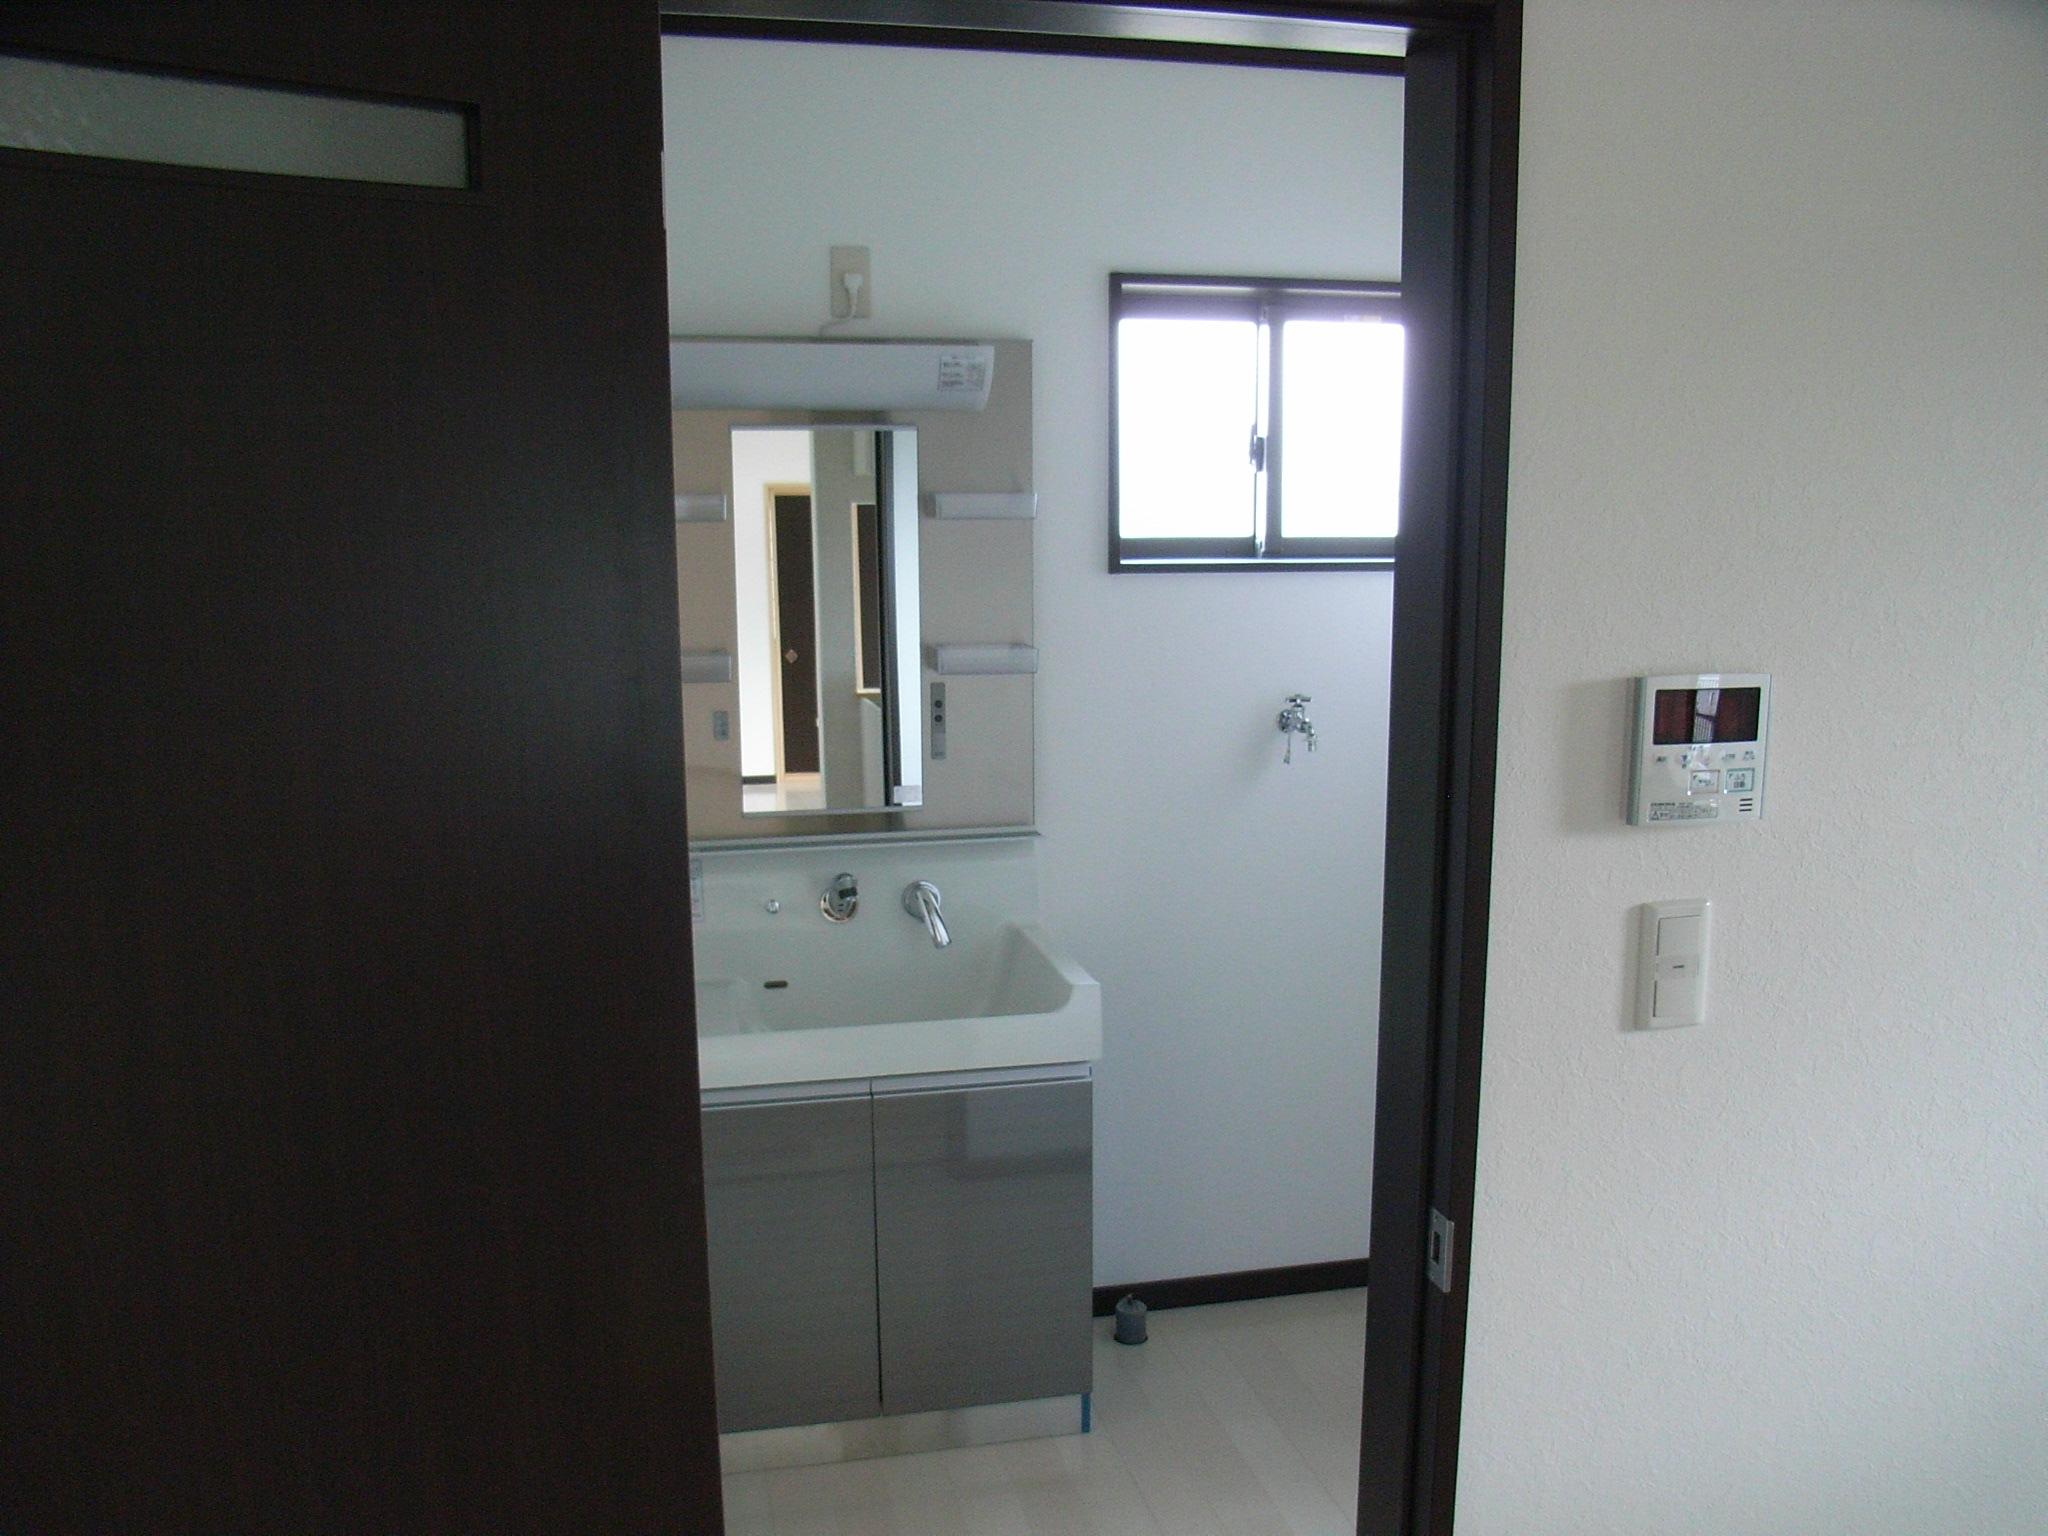 http://www.nagumo-juken.jp/images/i-house06.jpg